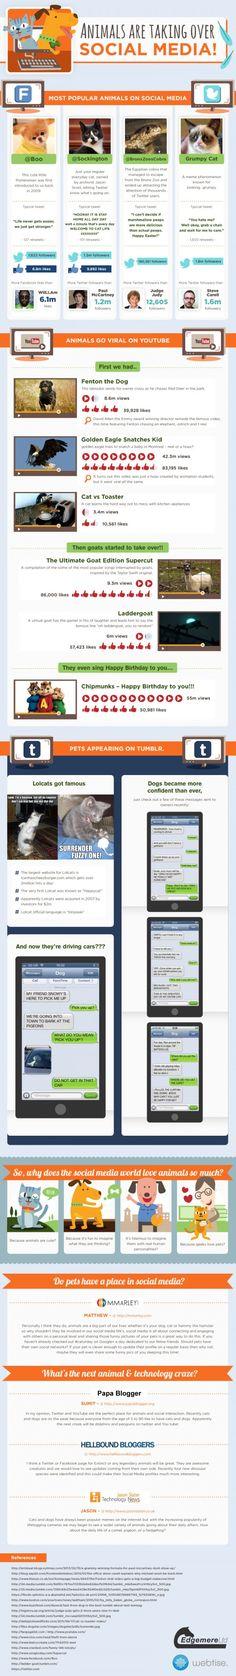 The Most Popular Animals on Social Media via Social Times